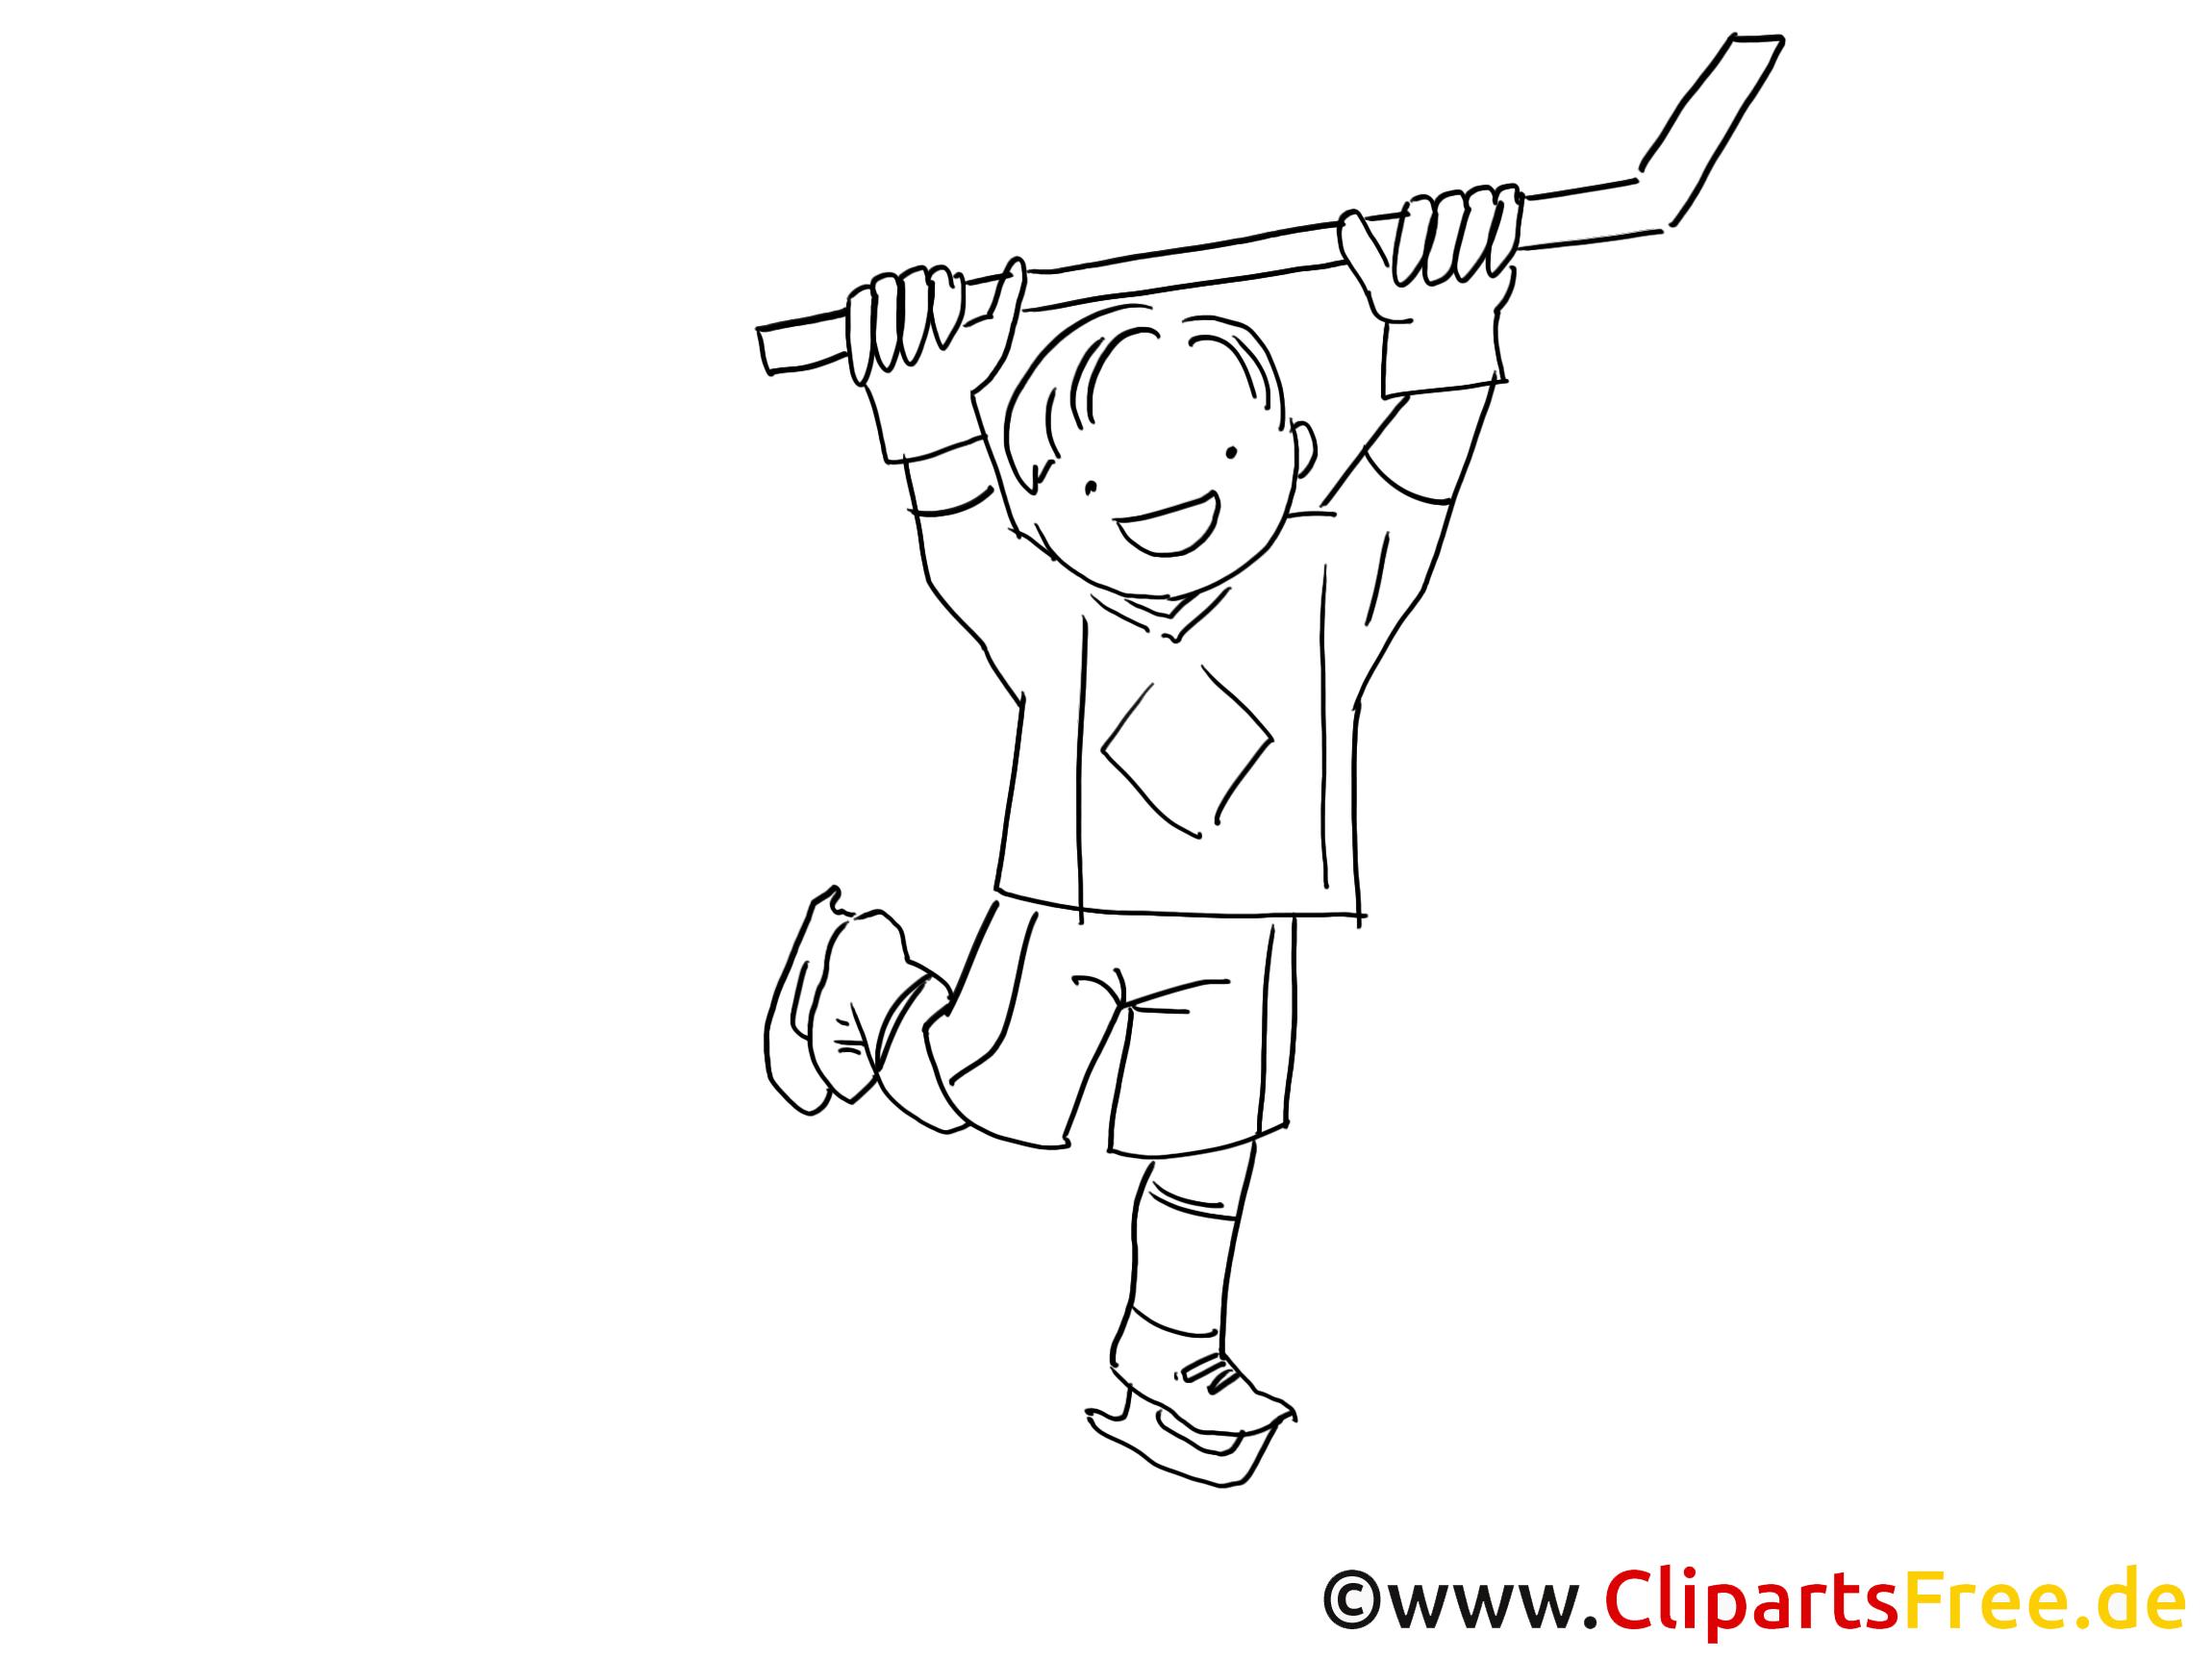 Hockey dessin à colorier - Enfant images